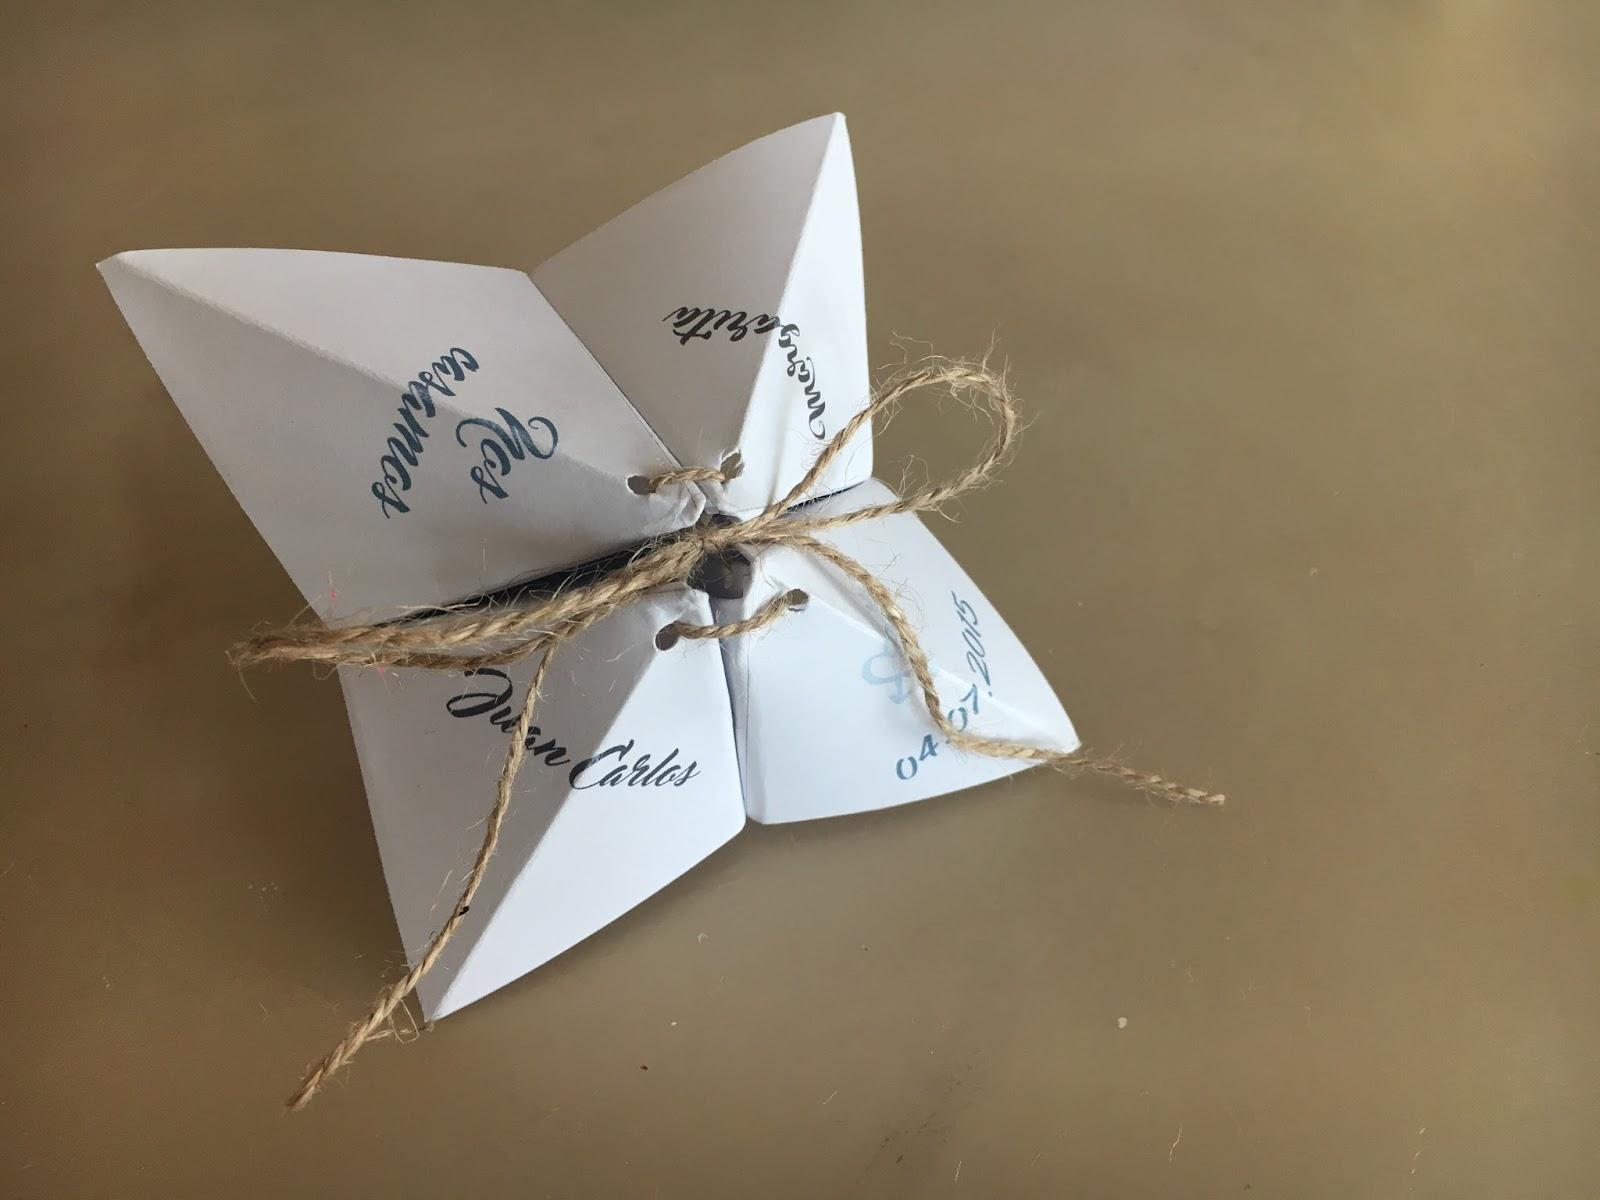 venta al por mayor más popular claro y distintivo Blog de bodas - Yo dire que si: Invitación de bodas comecoco ...